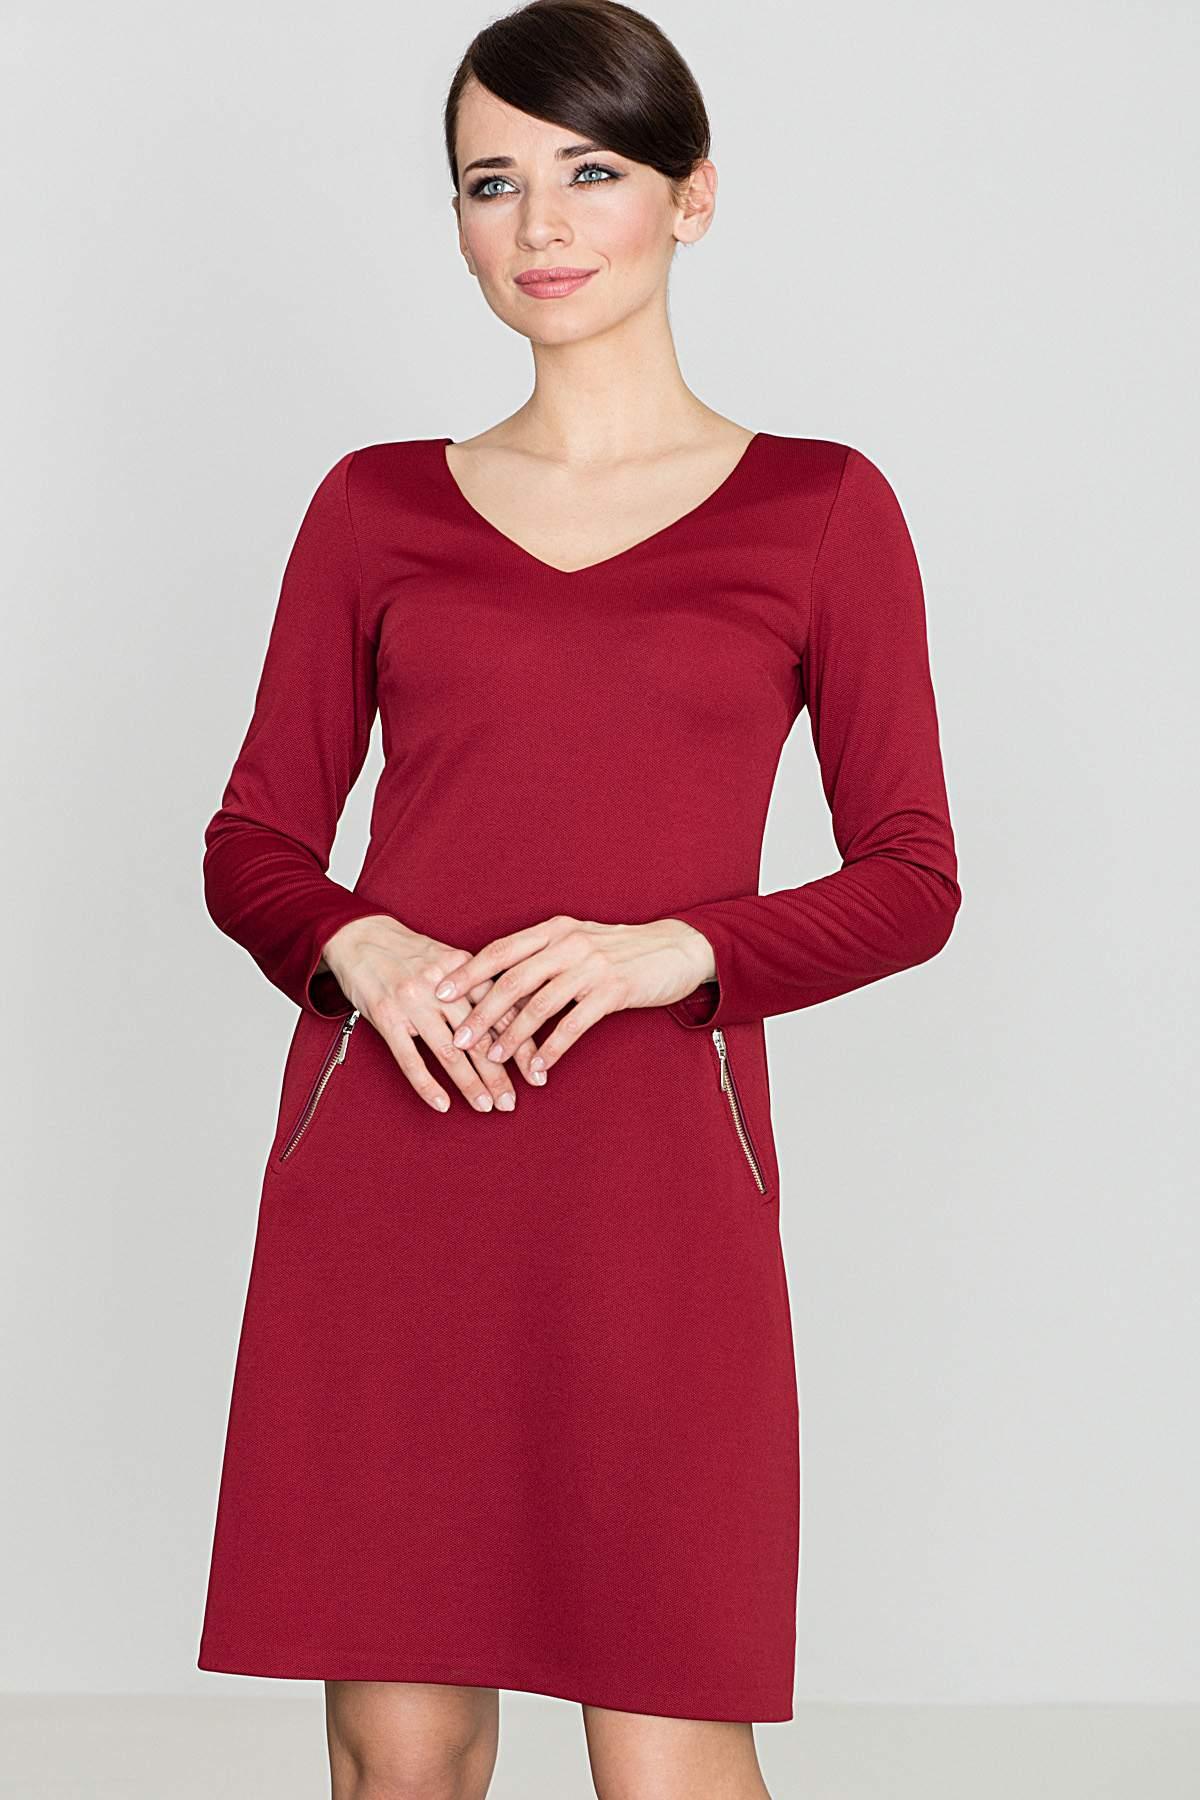 KATRUS All day φορεμα